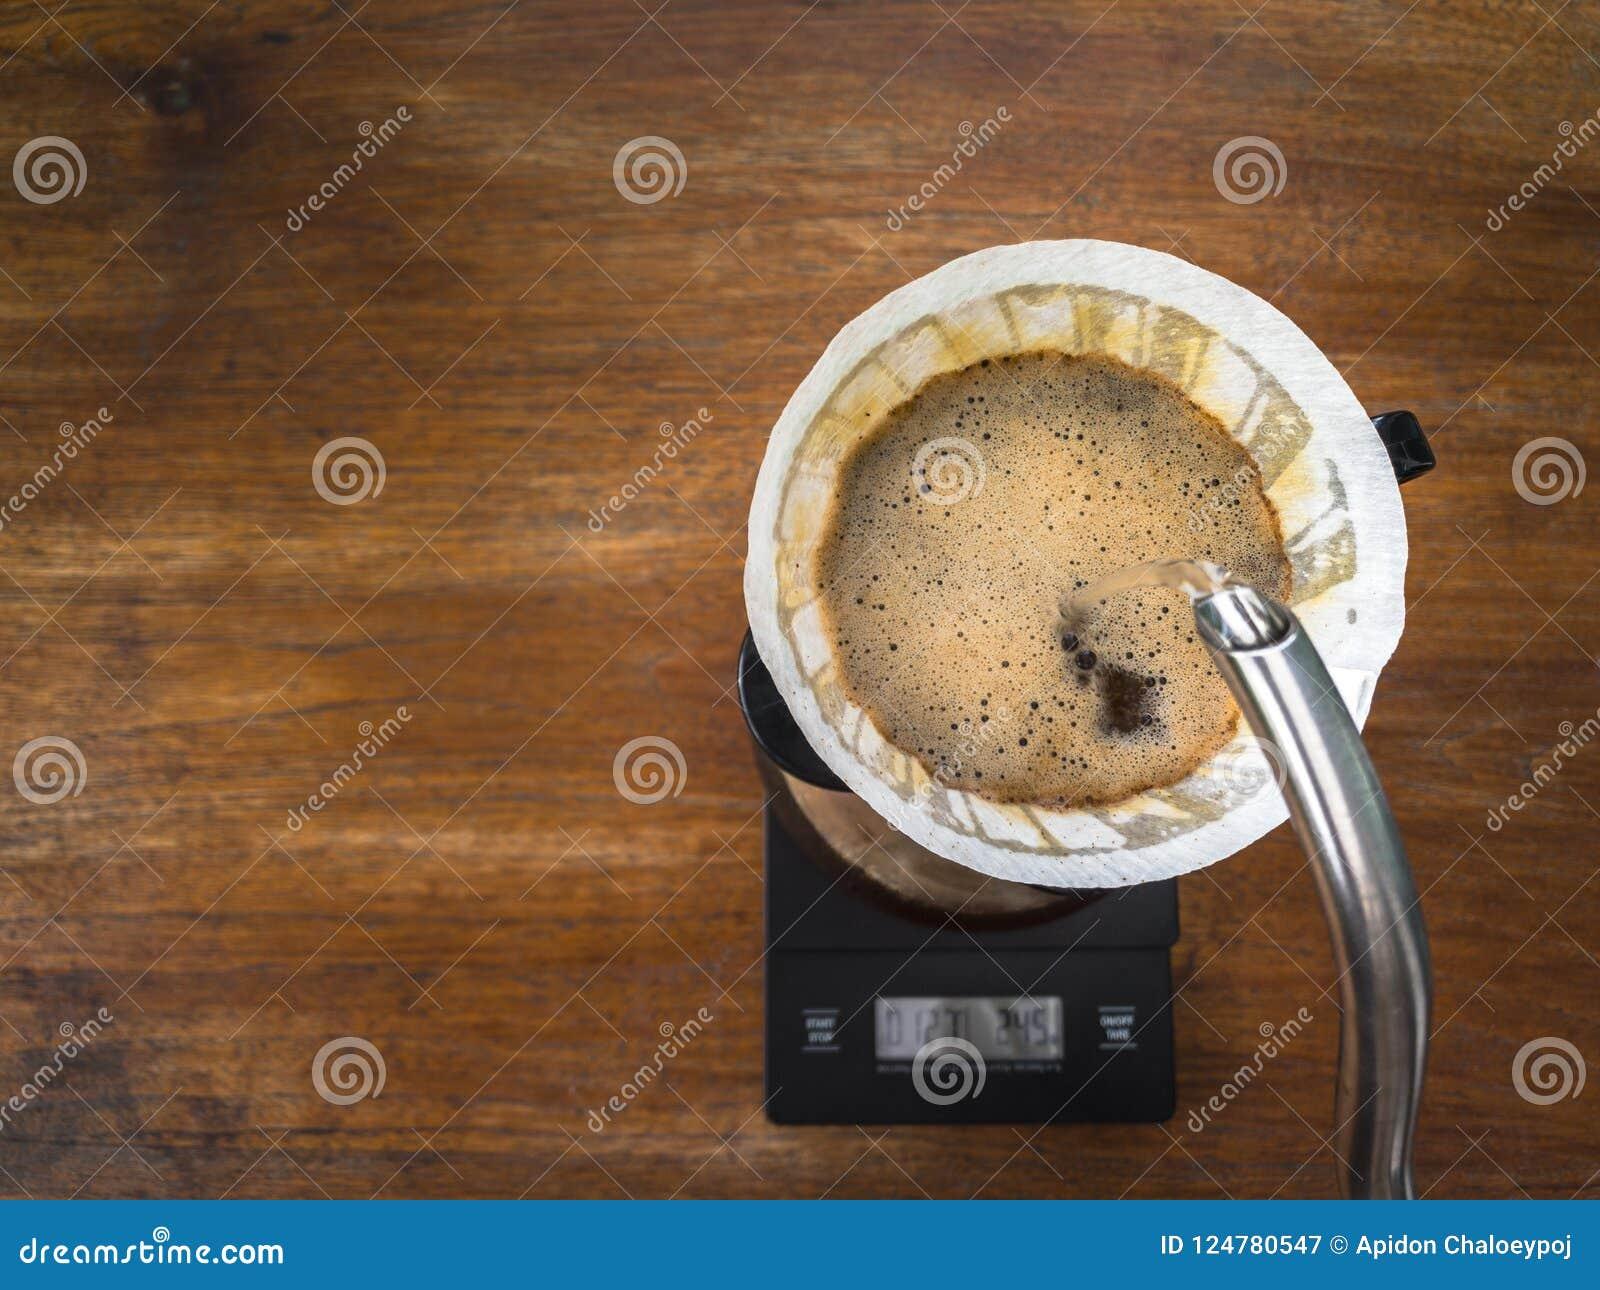 Кофе руки лить, метод заваривать кофе